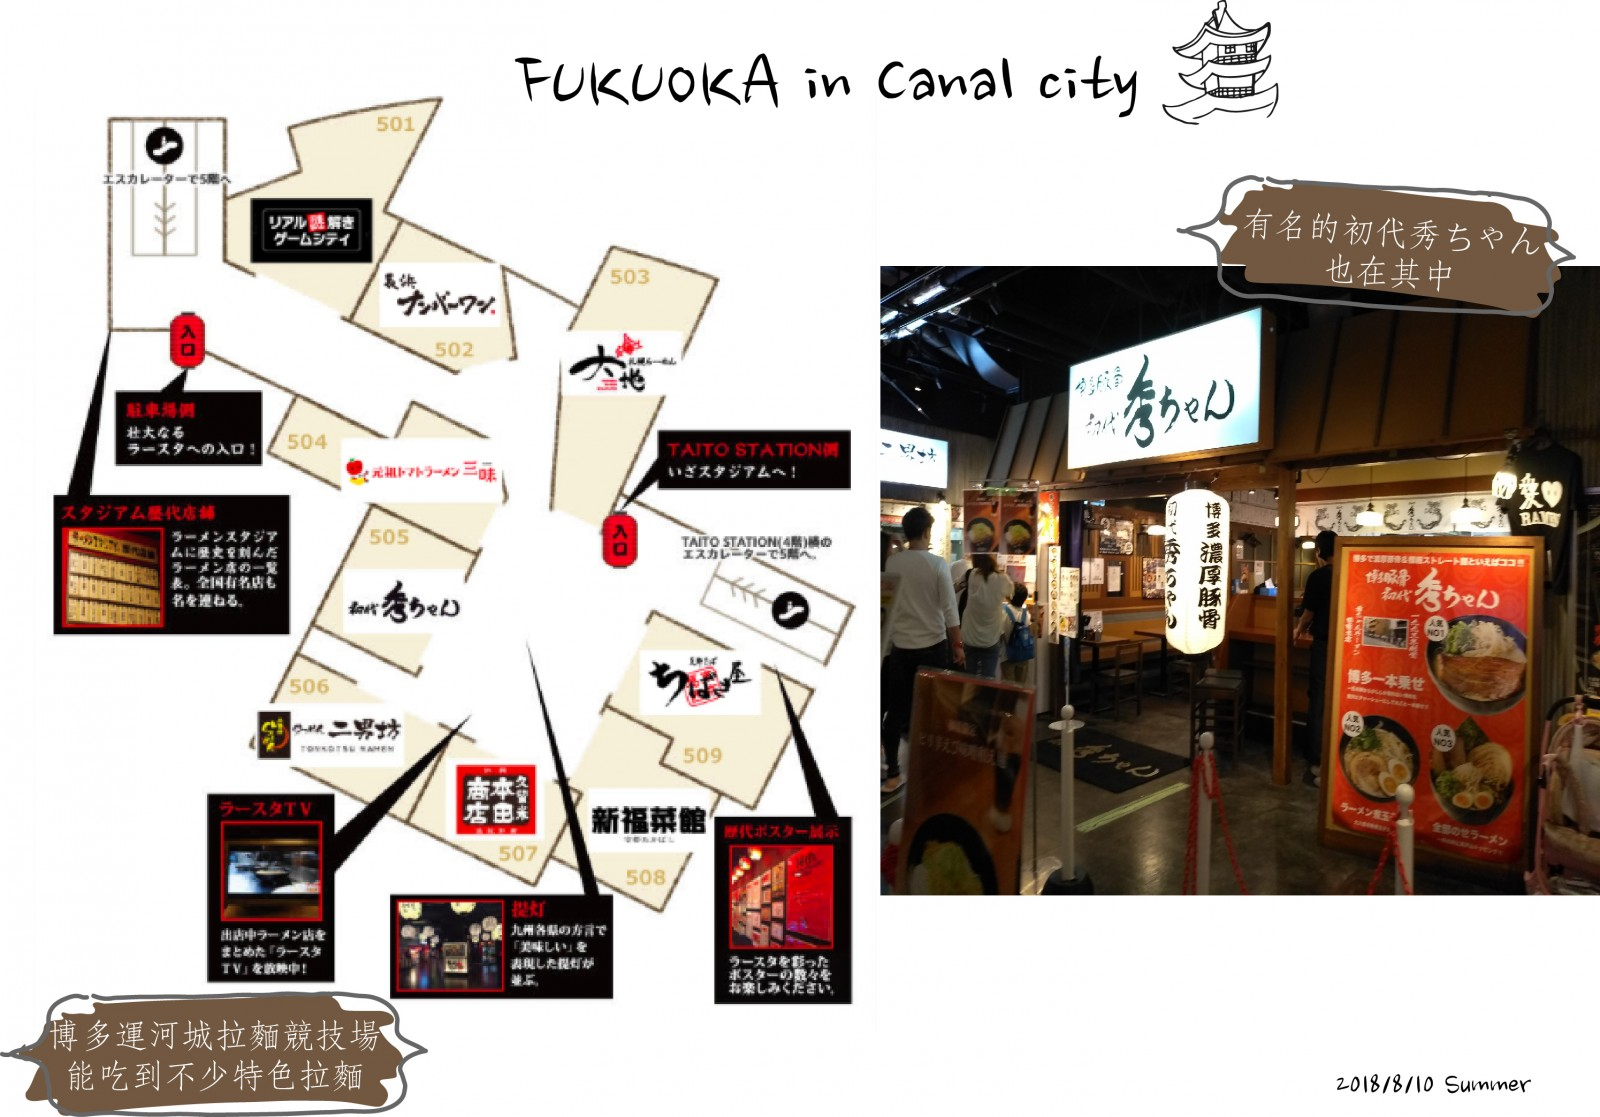 福岡超濃厚系豚骨拉麵博多一双−日本在地人都在吃的拉麵,師承一幸舍人氣NO.1名店!